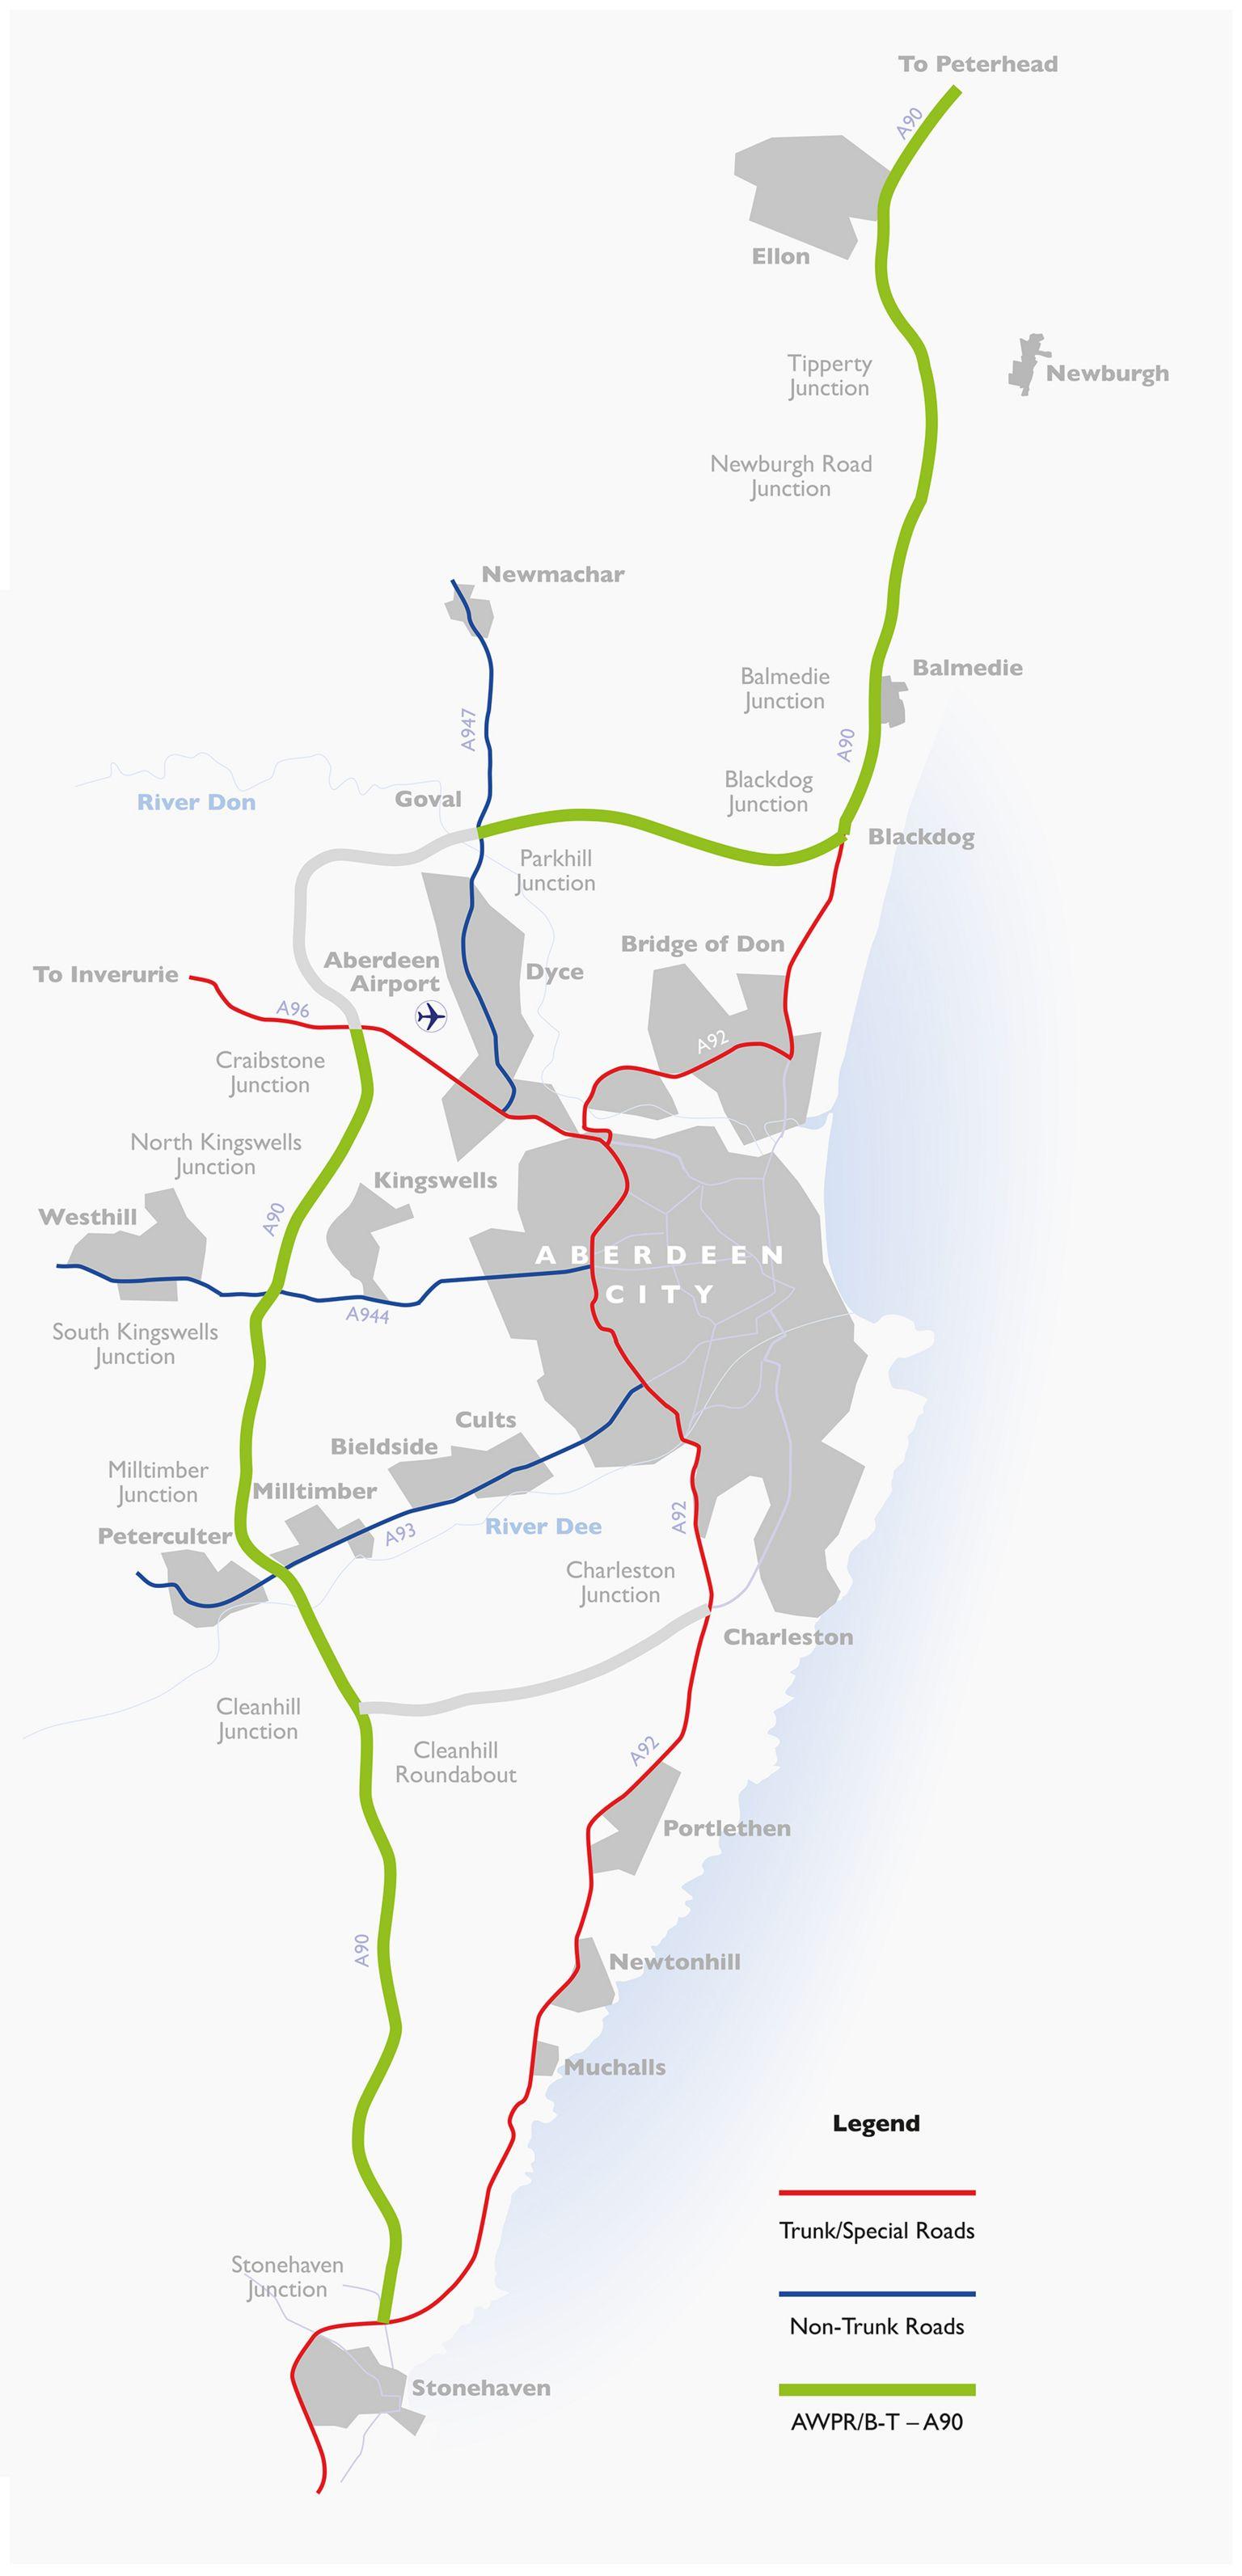 AWPR map